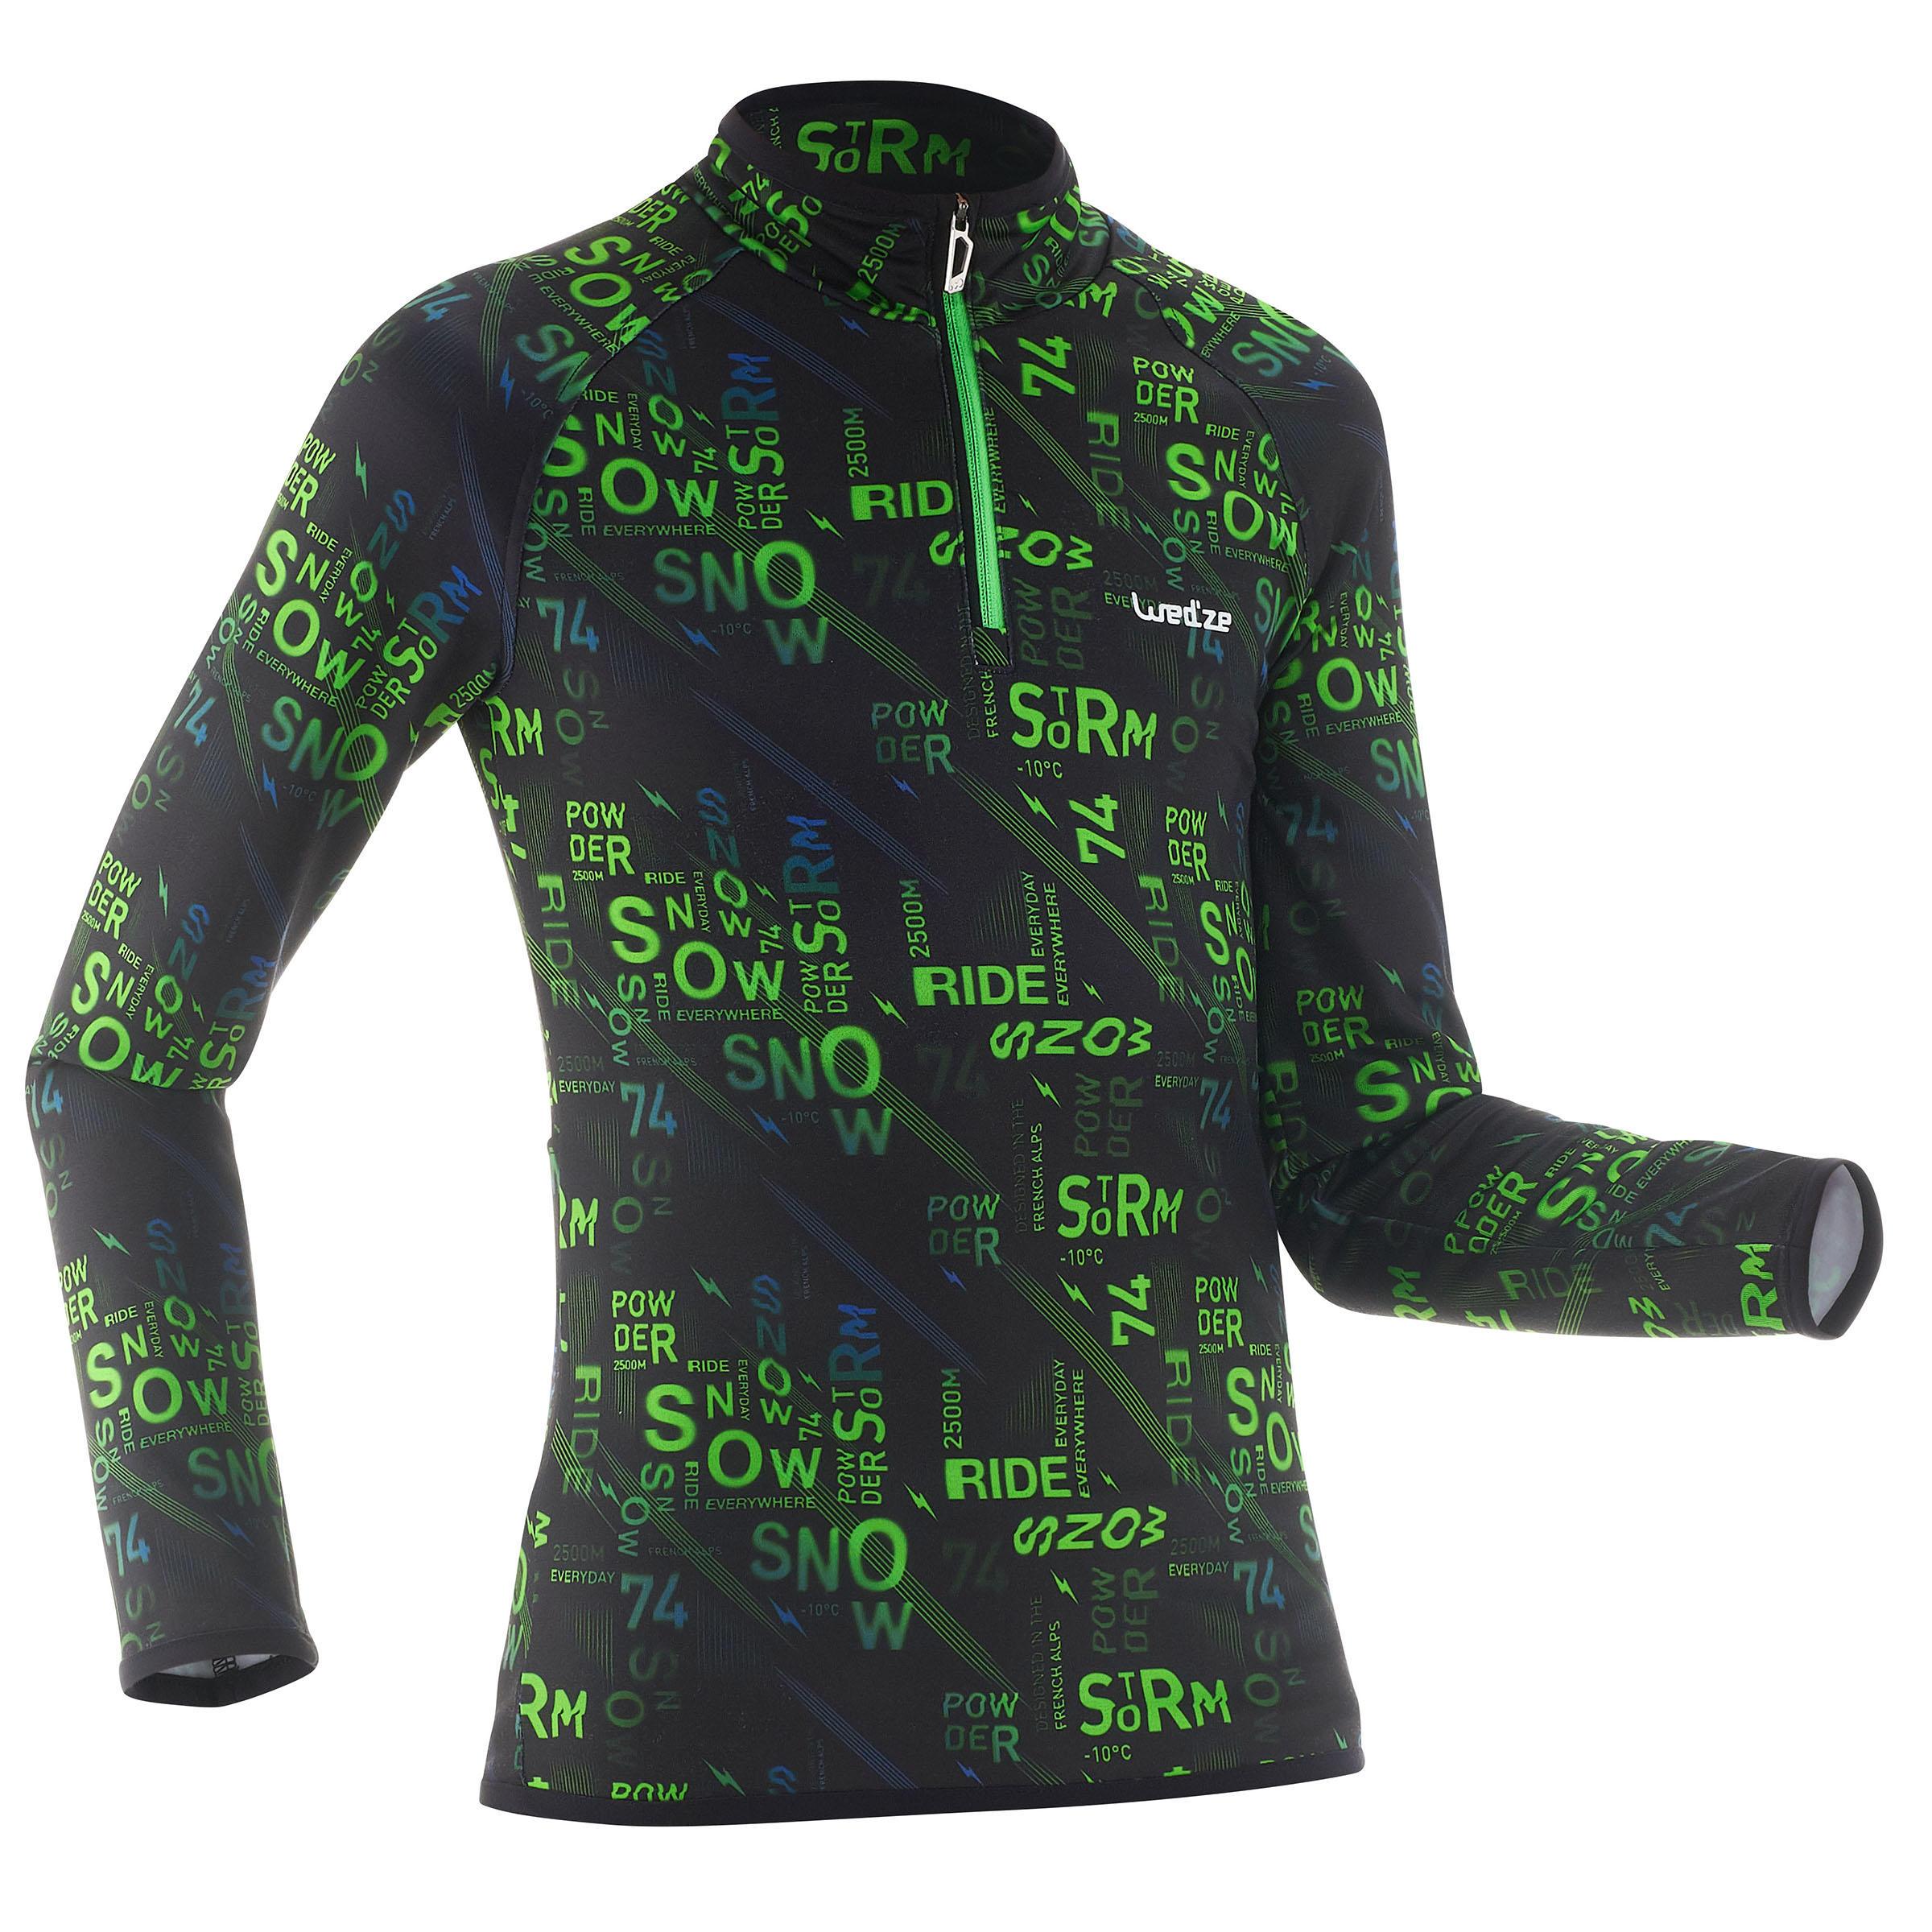 Sous-vêtement de ski enfant Haut Freshwarm 1/2 zip Graph - Wedze